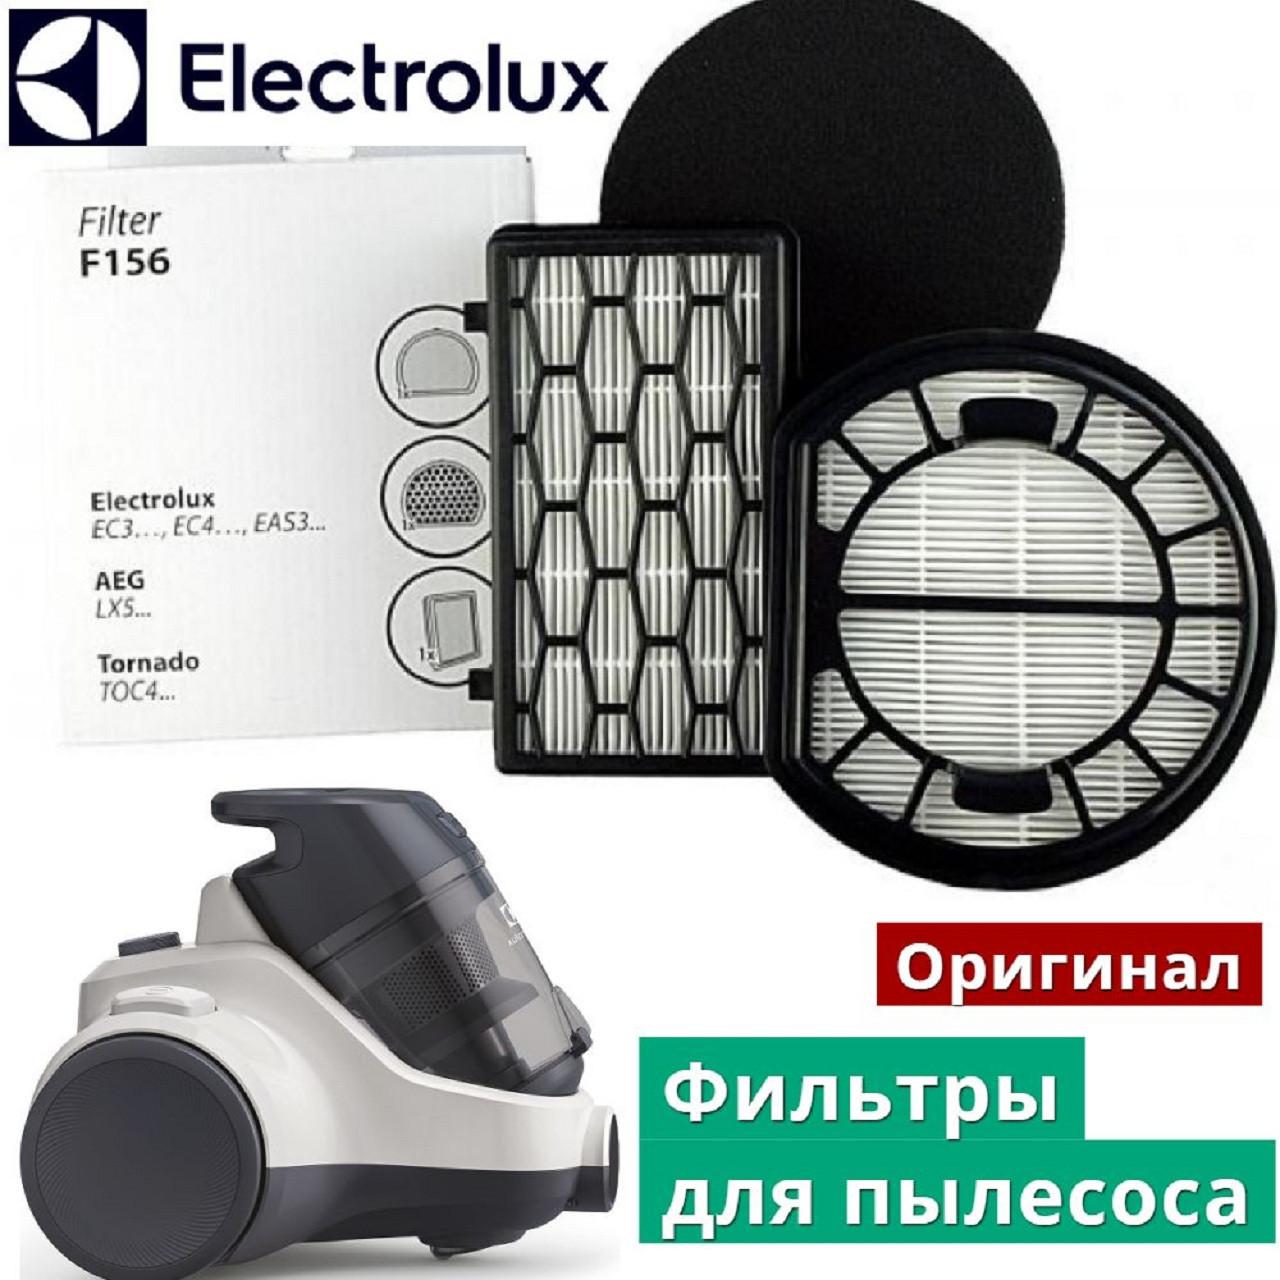 Electrolux фильтры ease c4 с3 ec41-2sw, ec41-4t, ec41-anim hepa Электролюкс на пылесос без мешка (безмешковый)